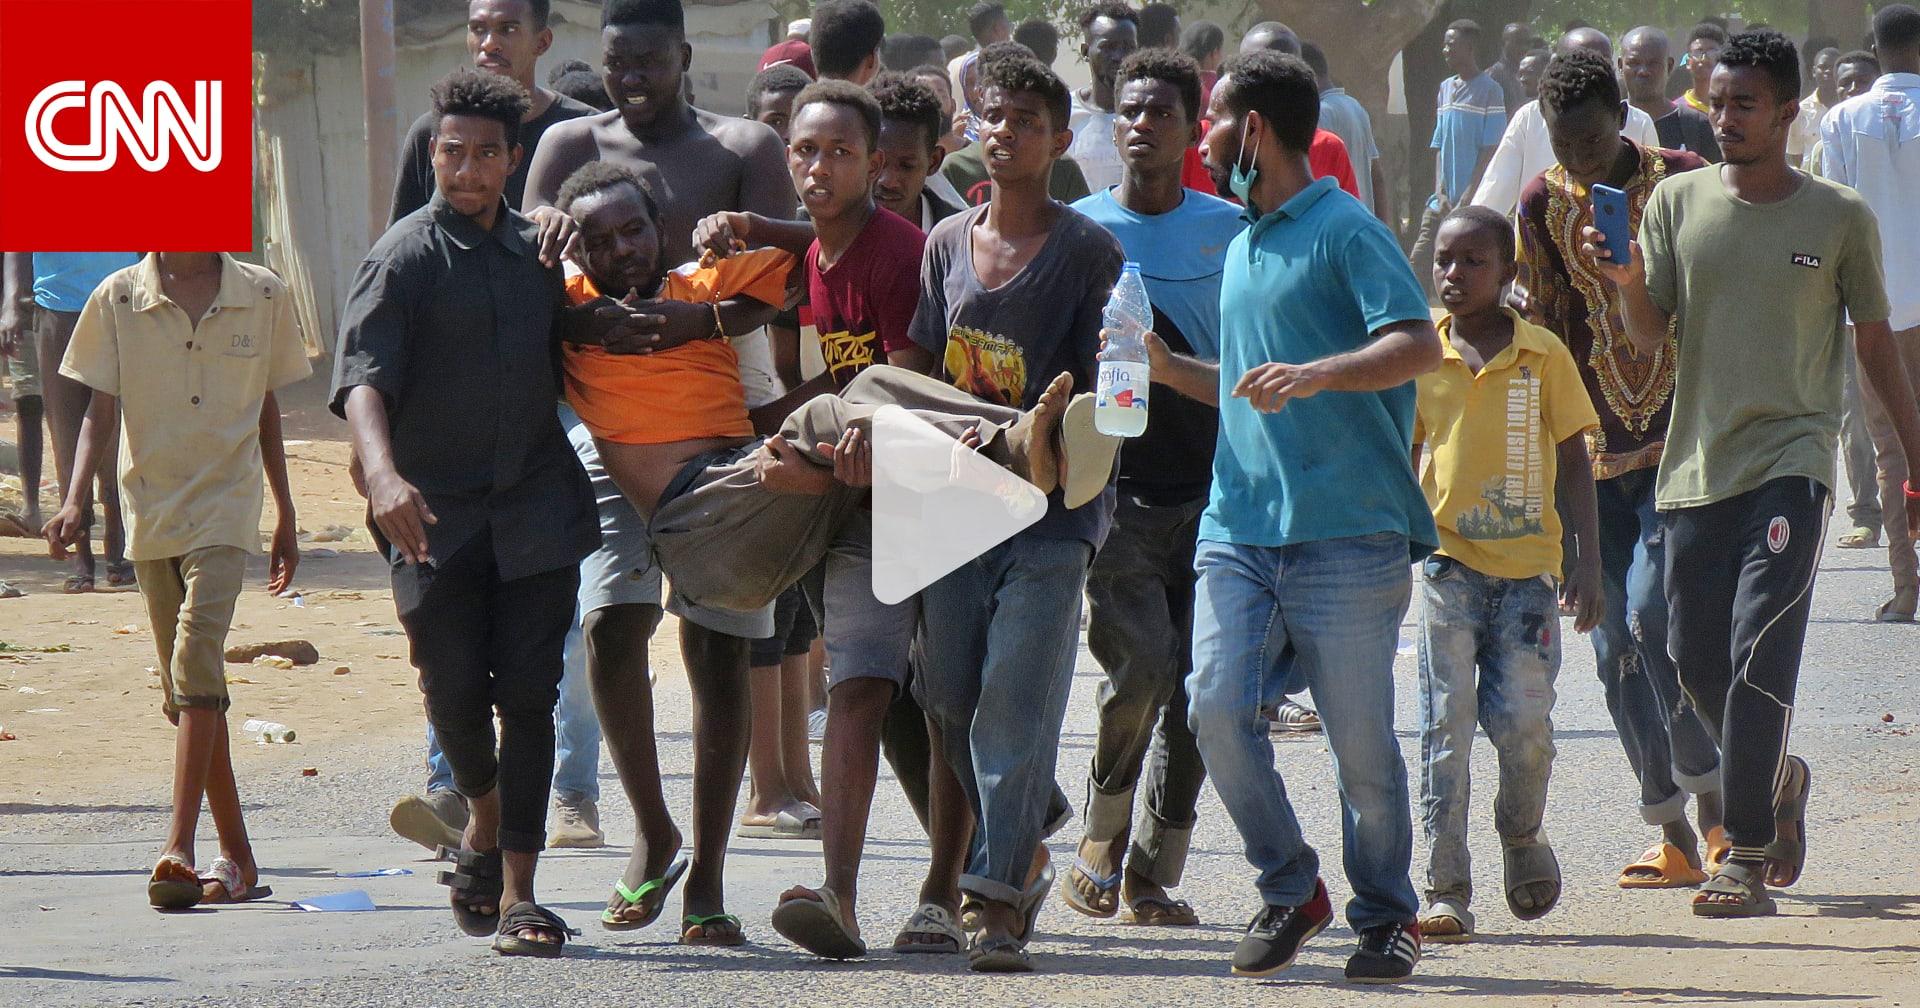 قوات الأمن السودانية تفتح النار في محاولة لتفريق المتظاهرين المؤيدين للديمقراطية